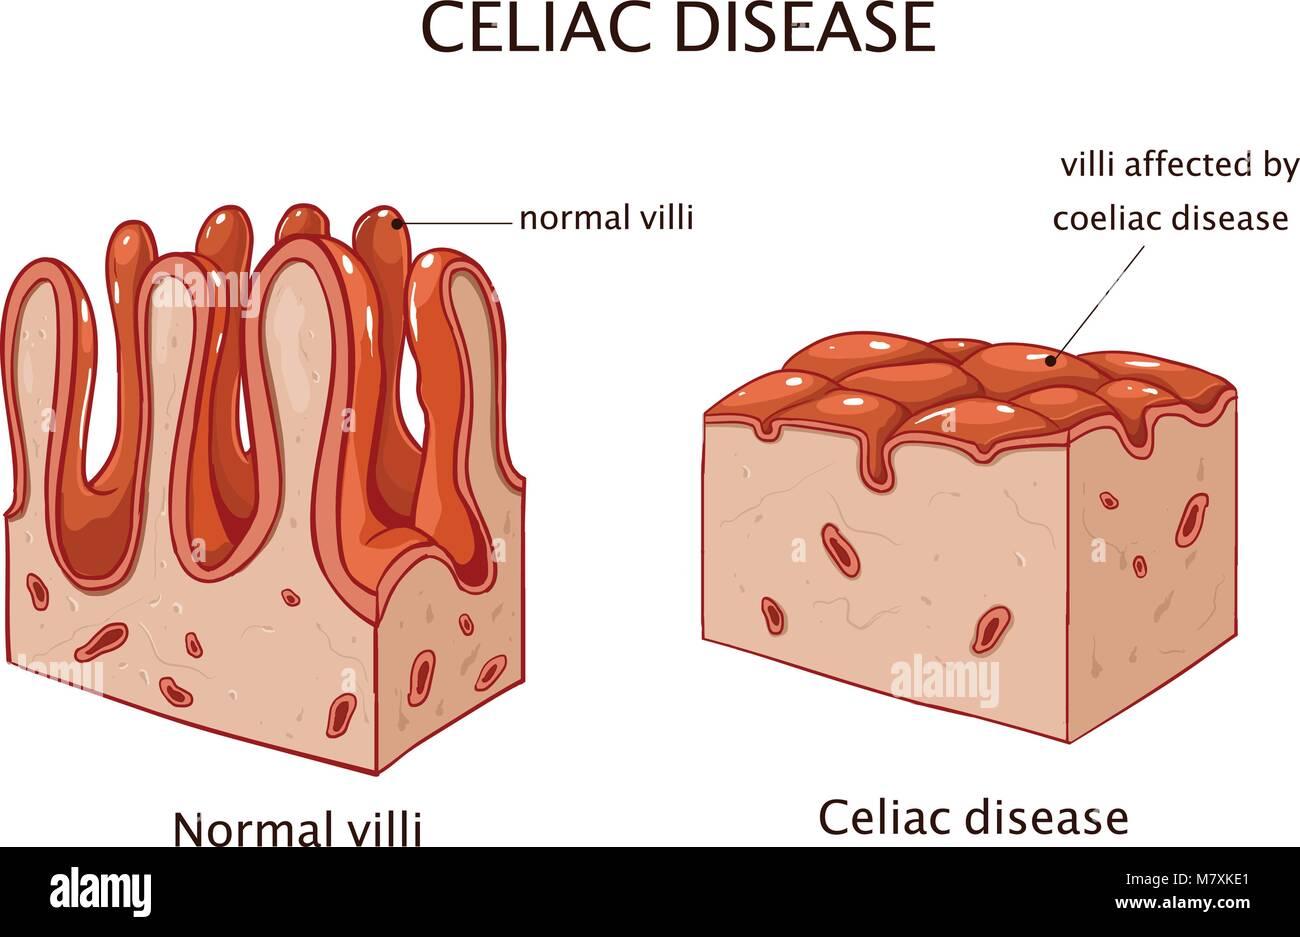 Coeliac disease or celiac disease. small bowel showing coeliac disease manifested by blunting of villi. - Stock Image